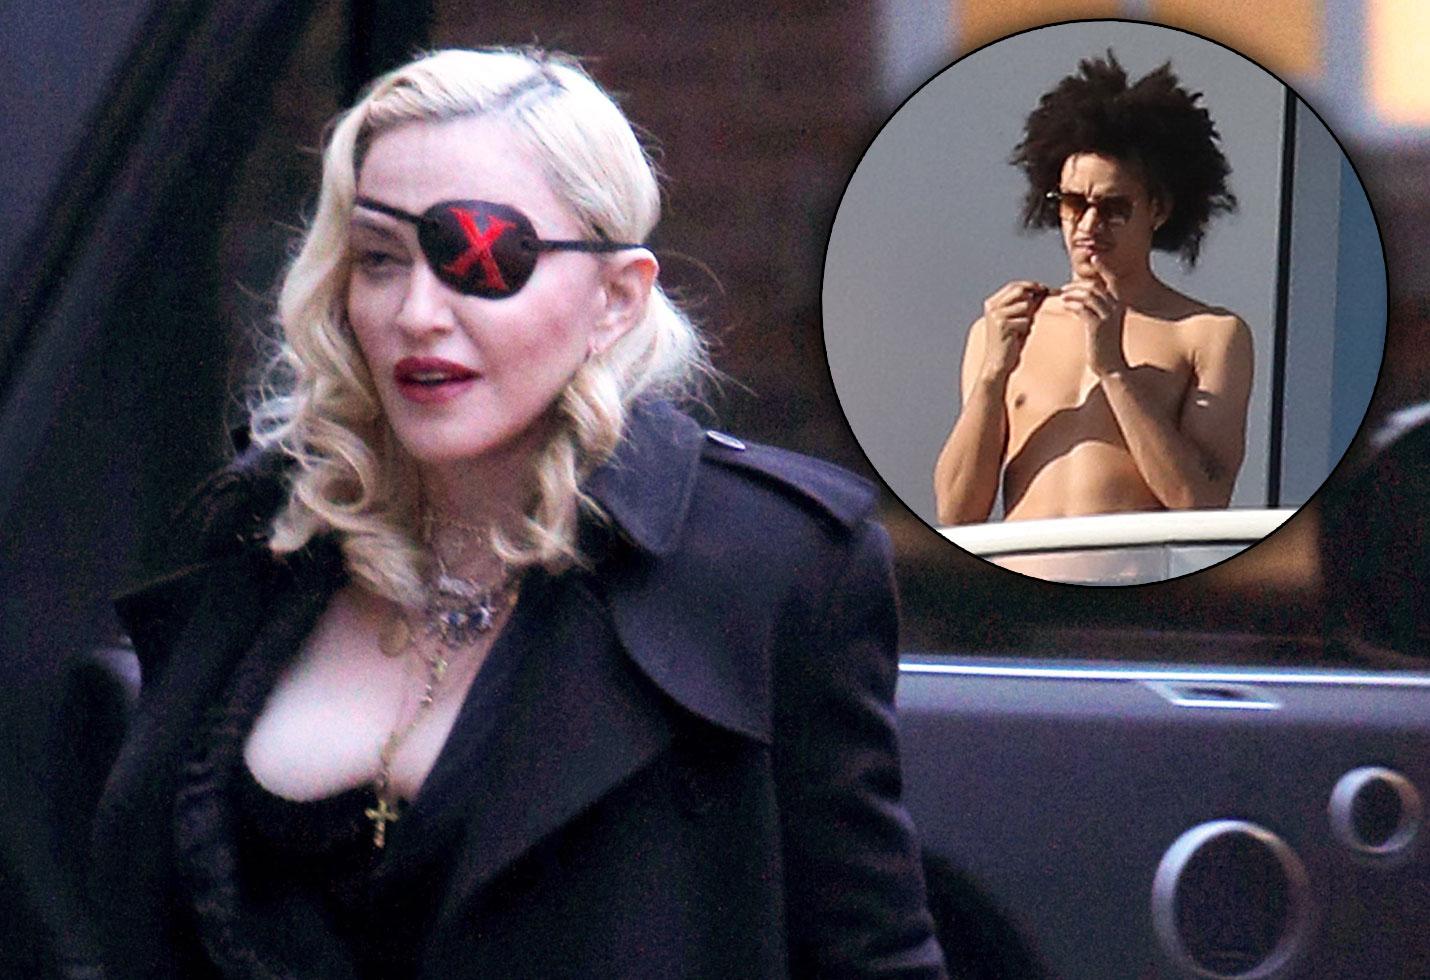 Madonna and Ahlamalik Williams